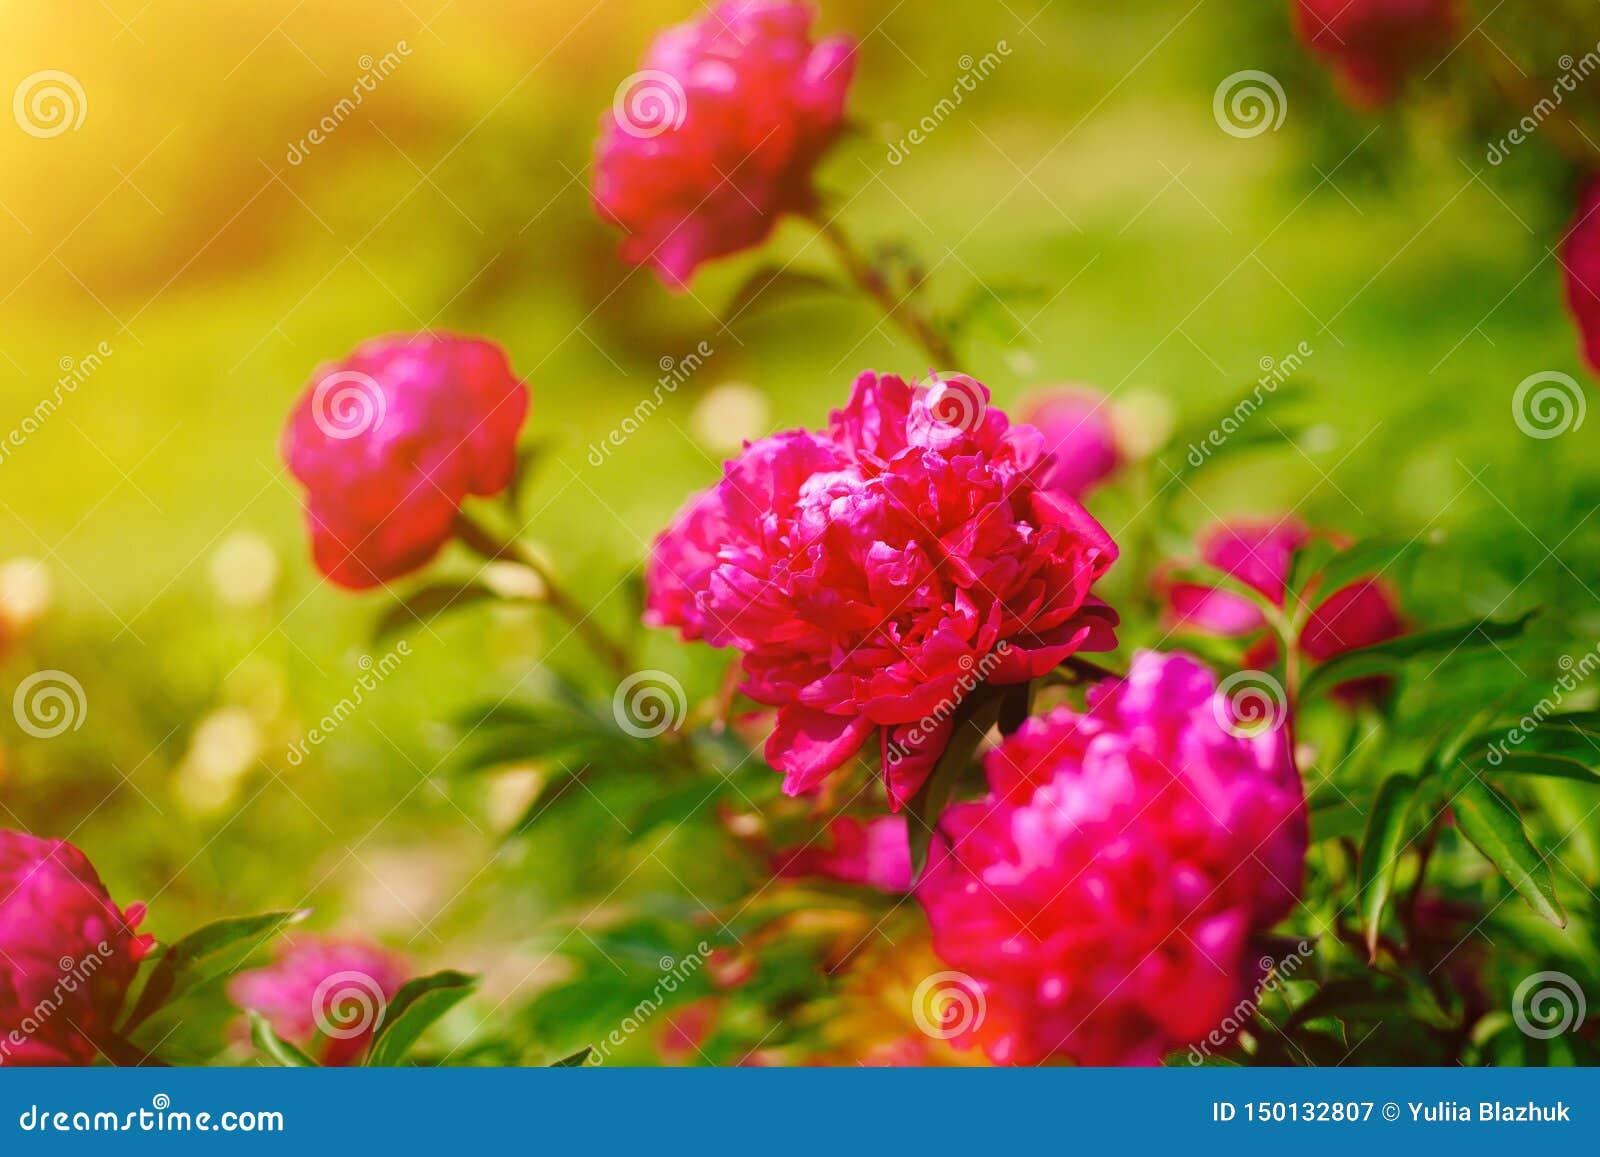 Den röda blommapionen som blomstrar i pioner, arbeta i trädgården Härligt nytt grönt gräs och mjukt solljus i bakgrunden